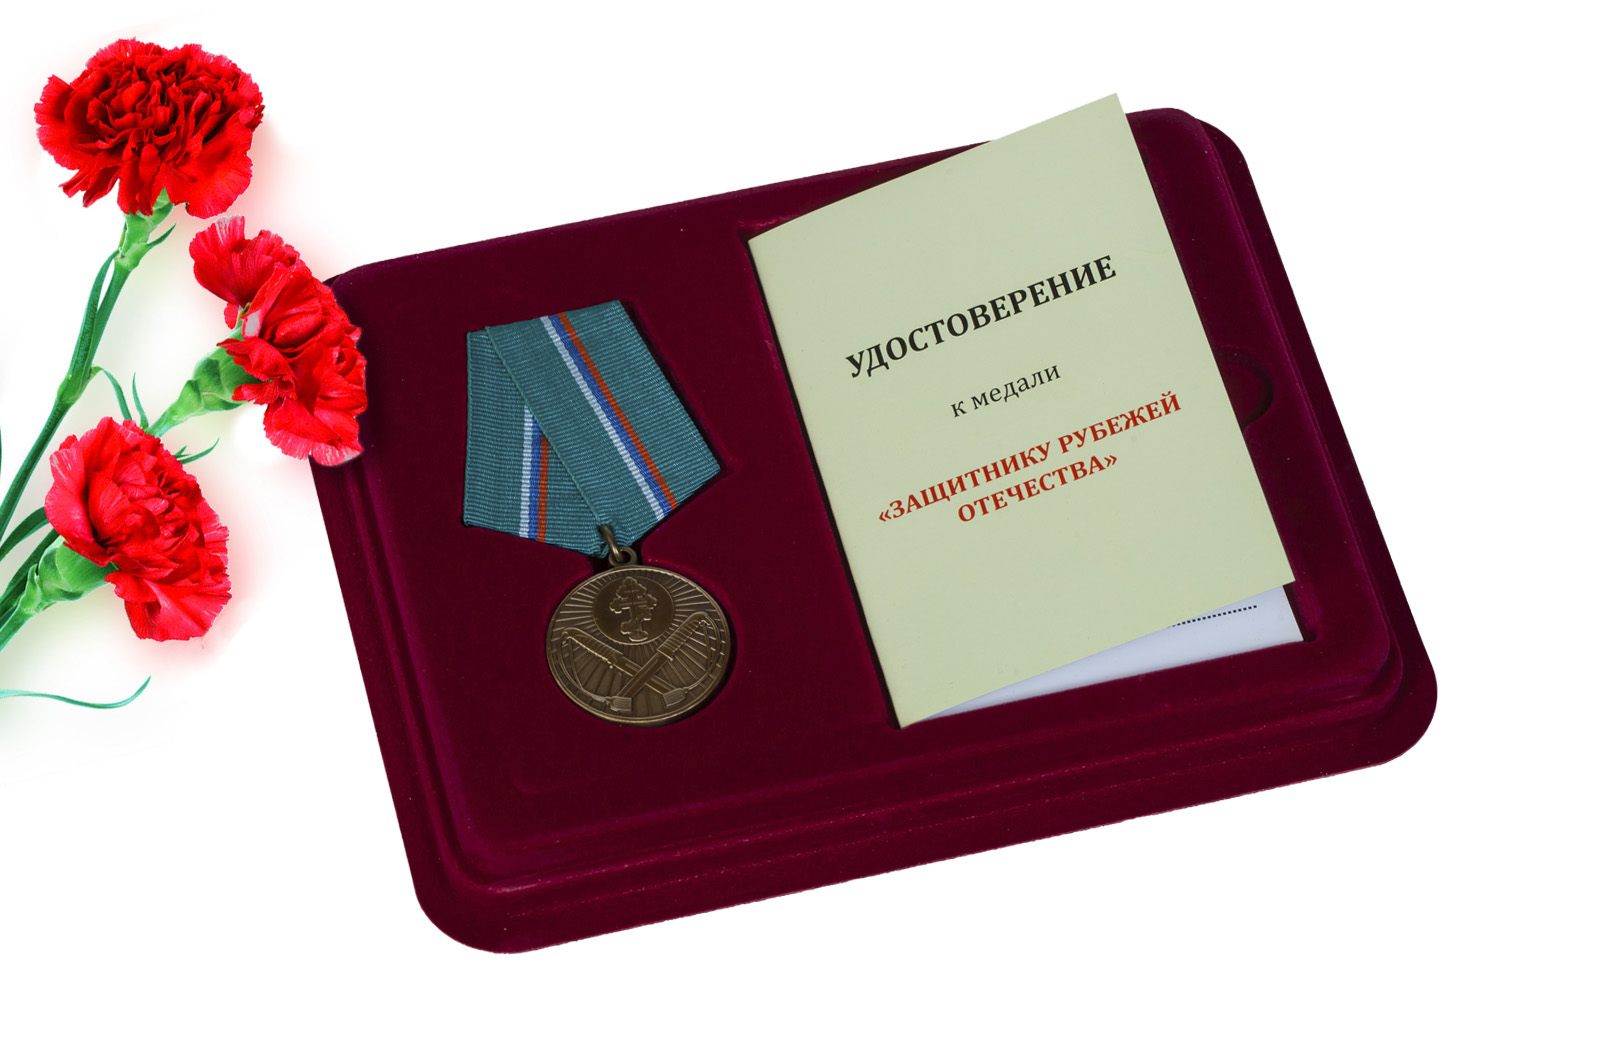 Купить медаль Защитнику рубежей Отечества по экономичной цене